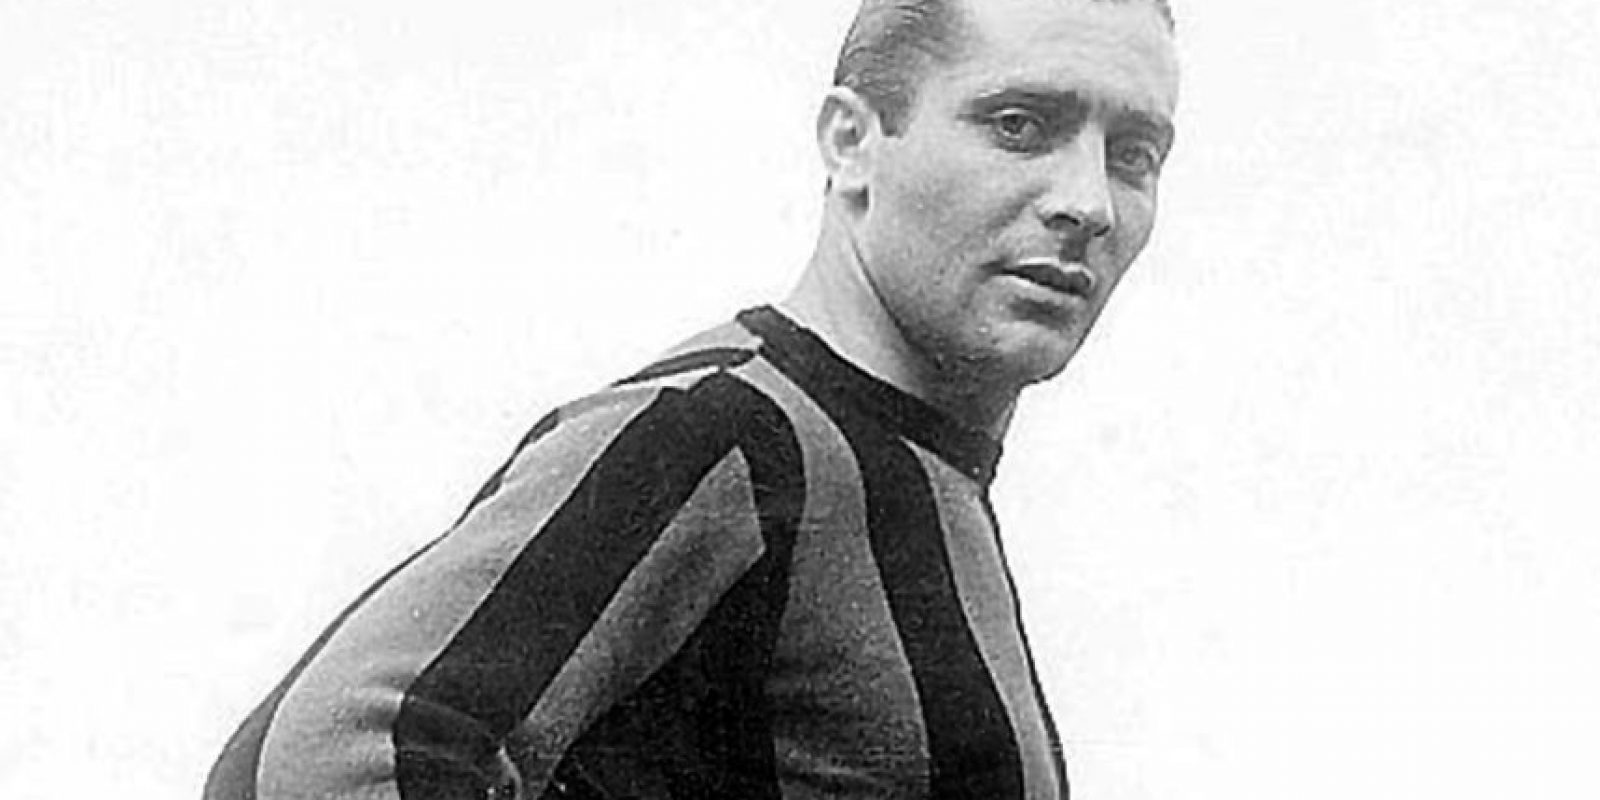 Giuseppe Meazza: No por nada el estadio de Inter de Milán lleva su nombre. Es un ídolo de los lombardos y también en Italia, con quien ganó el Mundial de 1934. Murió de cirrosis hepática.